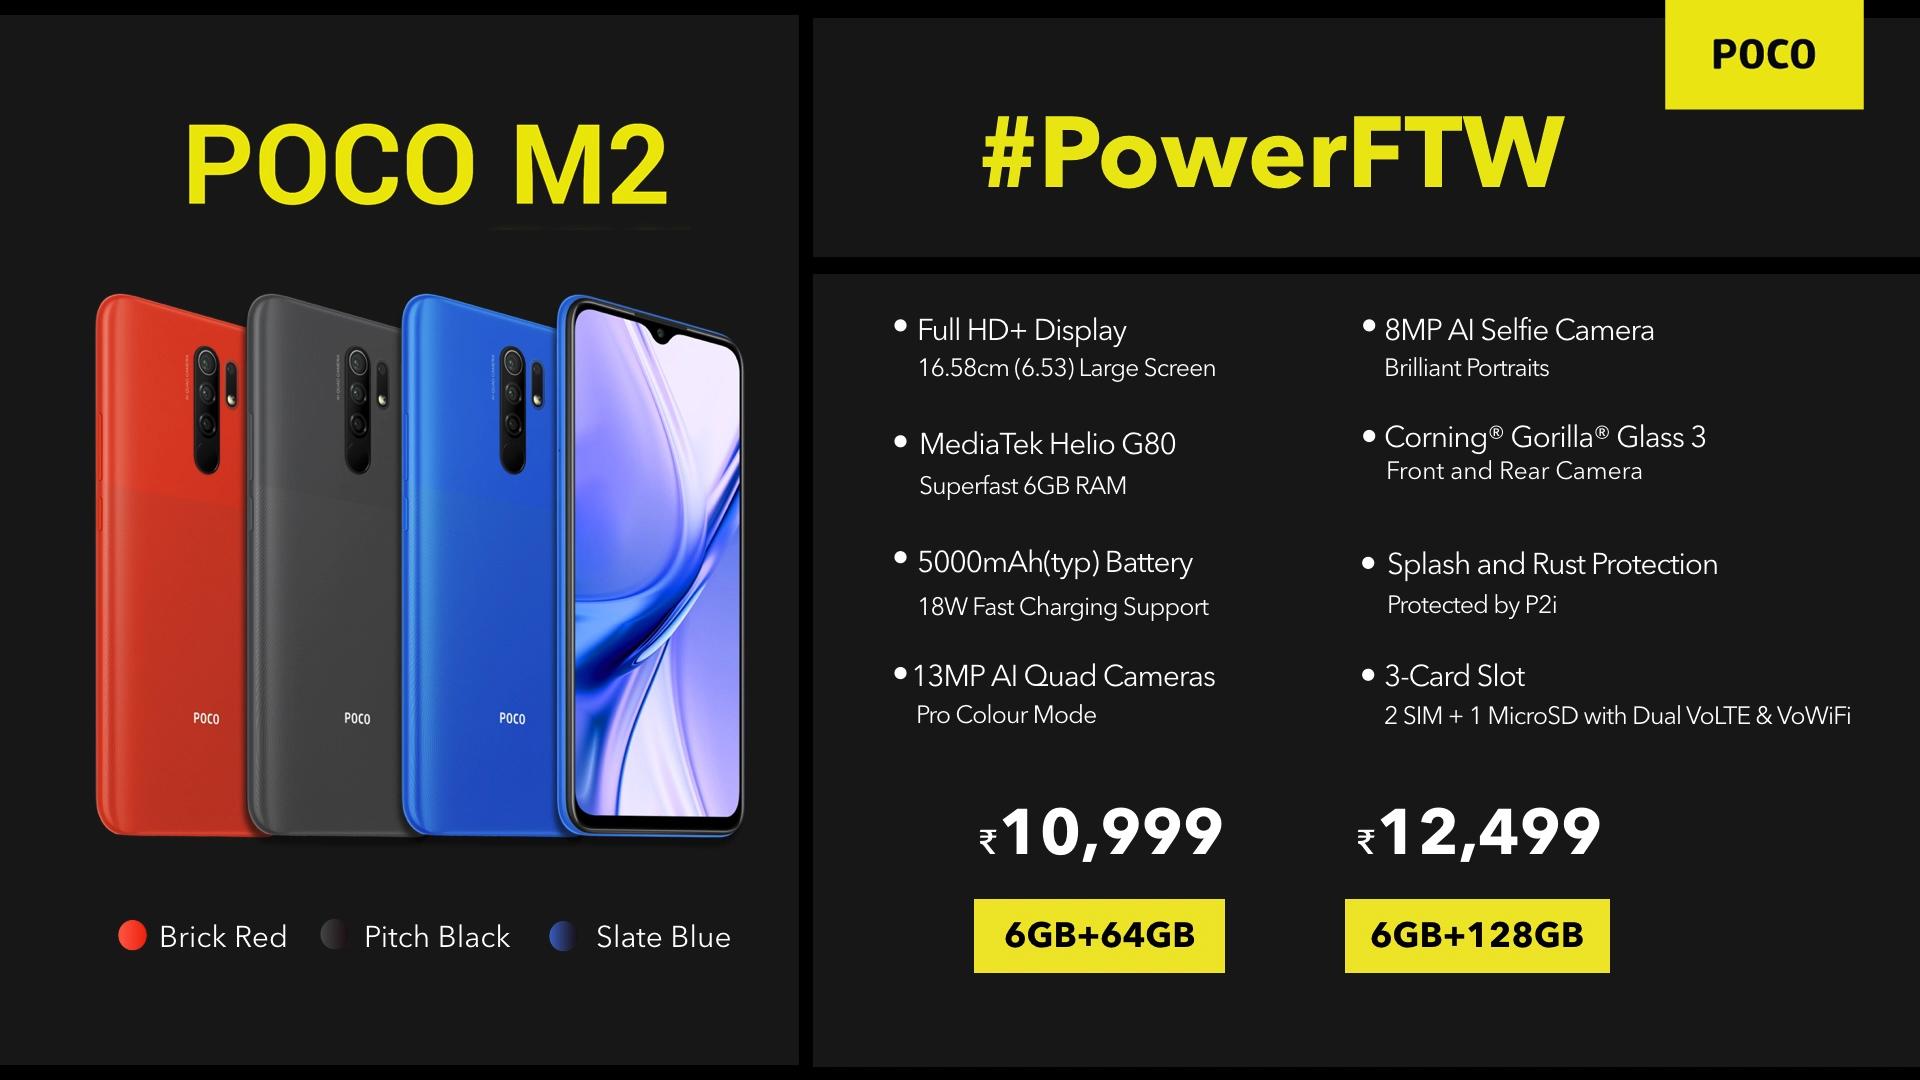 El nuevo POCO M2 ya es oficial aunque por el momento tan solo en India. Noticias Xiaomi Adictos